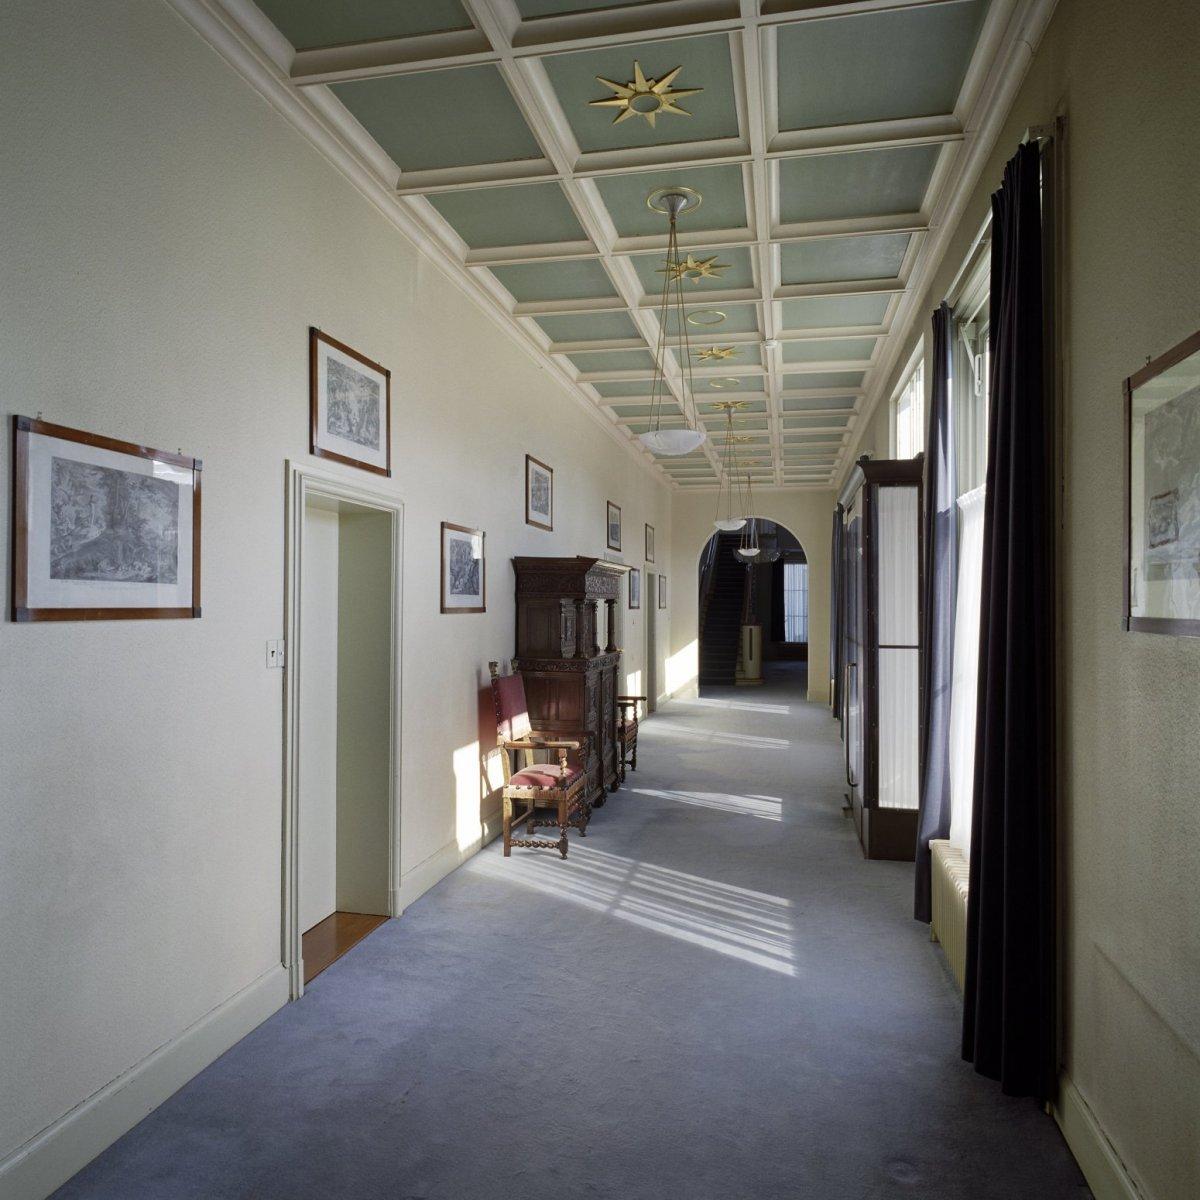 File:Interieur, overzicht van de blauwe gang met cassettenplafond ...